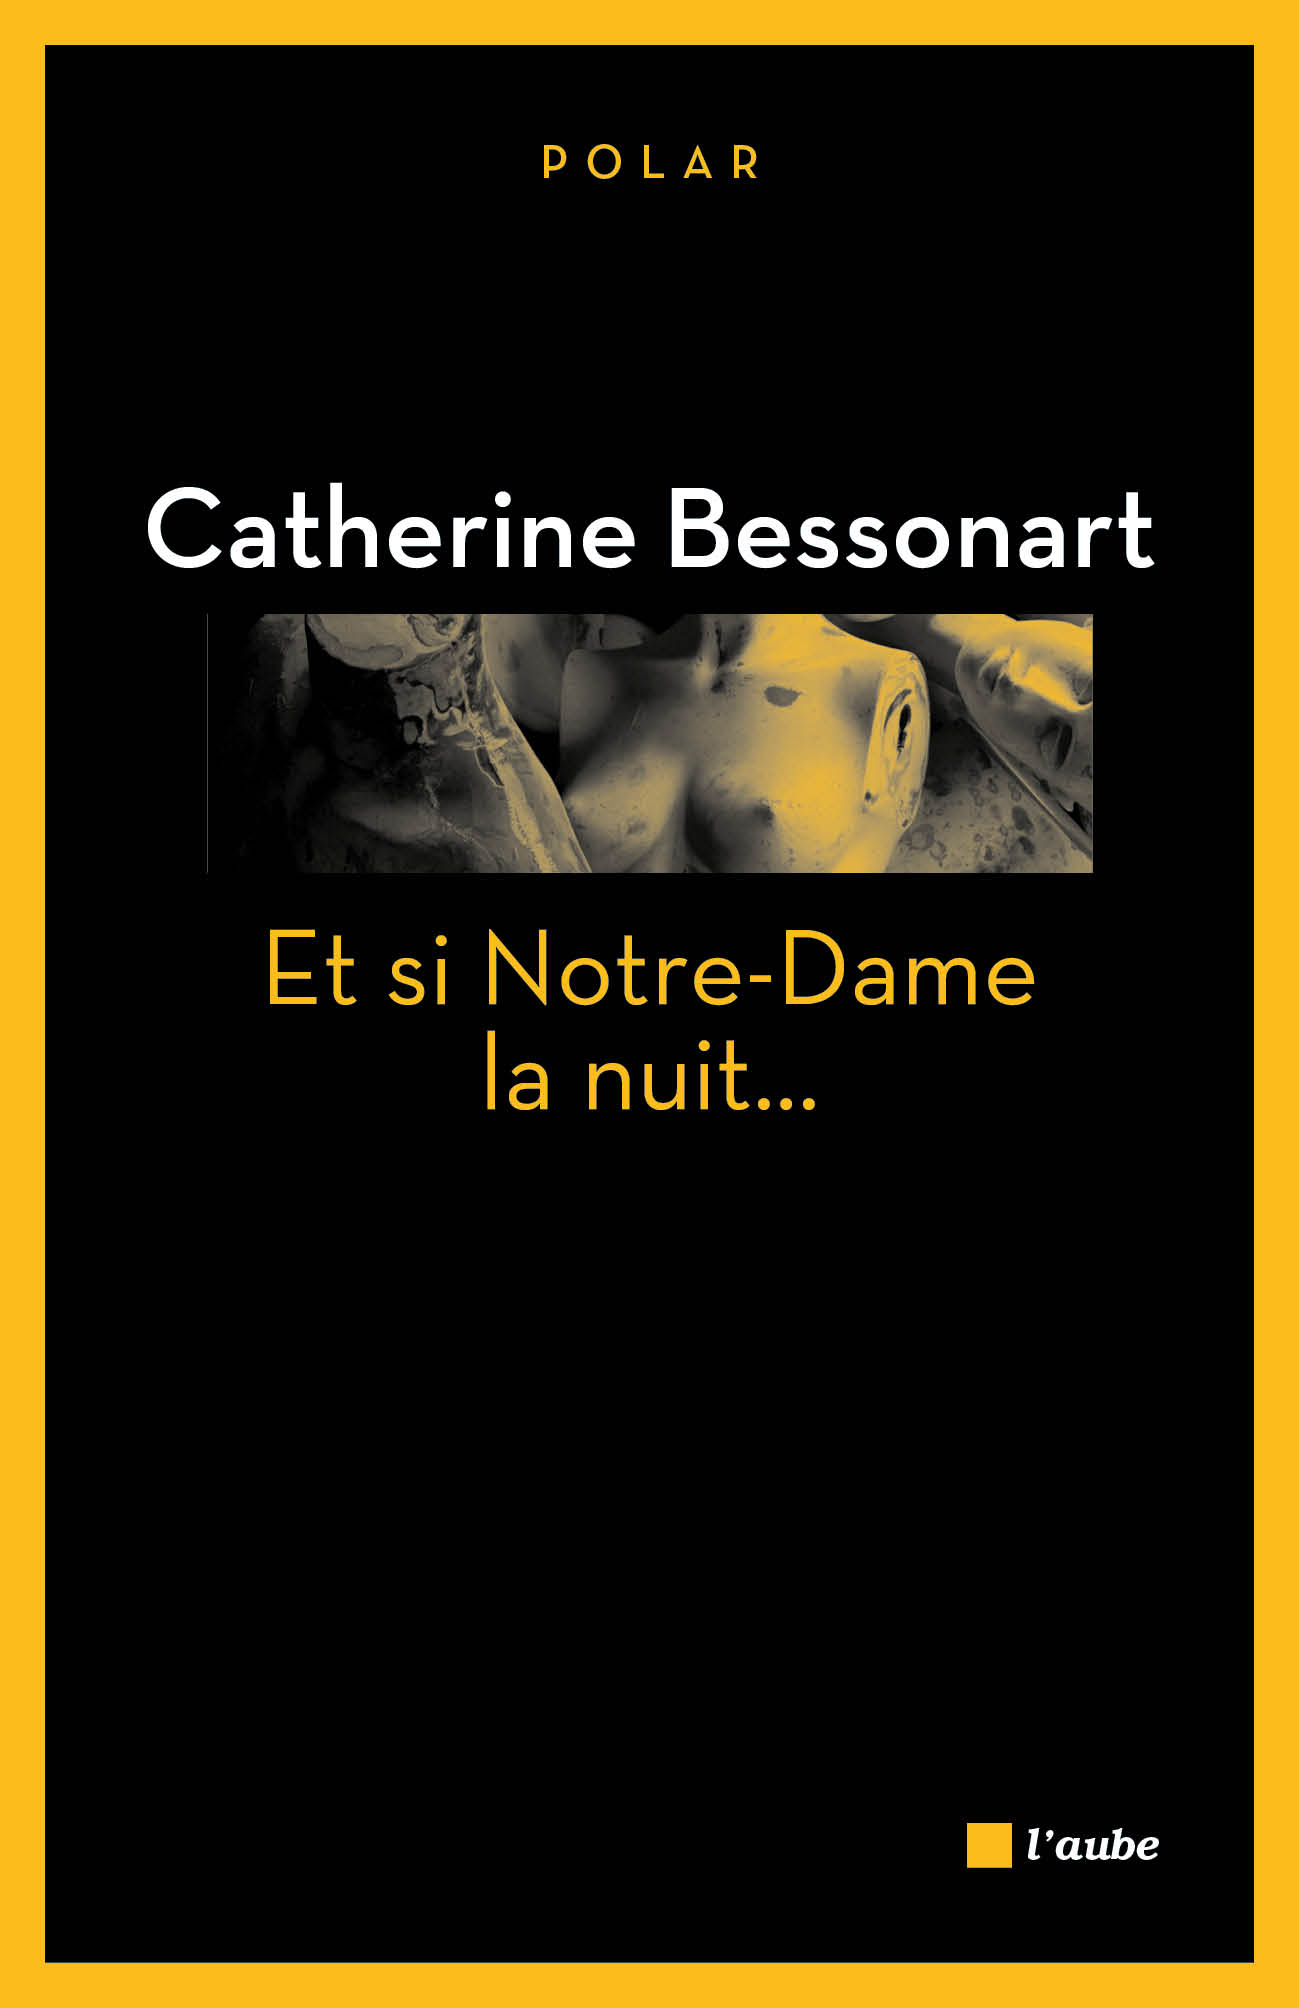 Et si Notre-Dame la nuit...